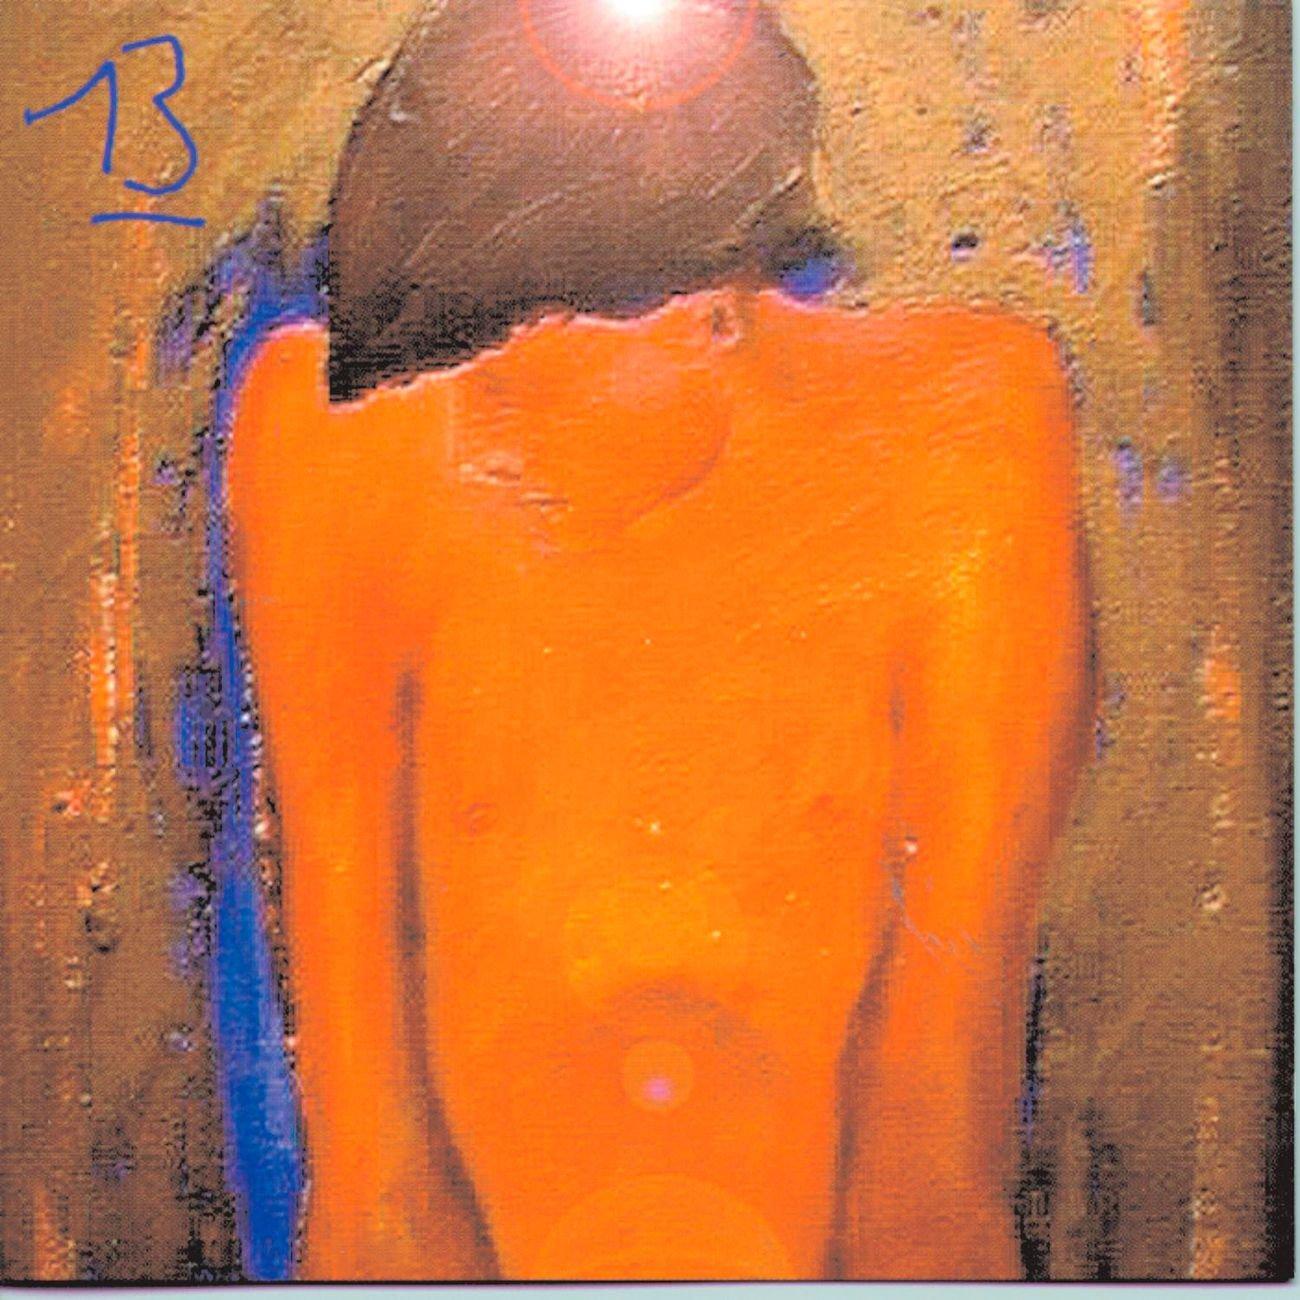 Vos dernières acquisitions cd et dvd hors blues - Page 18 81NUG4vq6fL._SL1300_